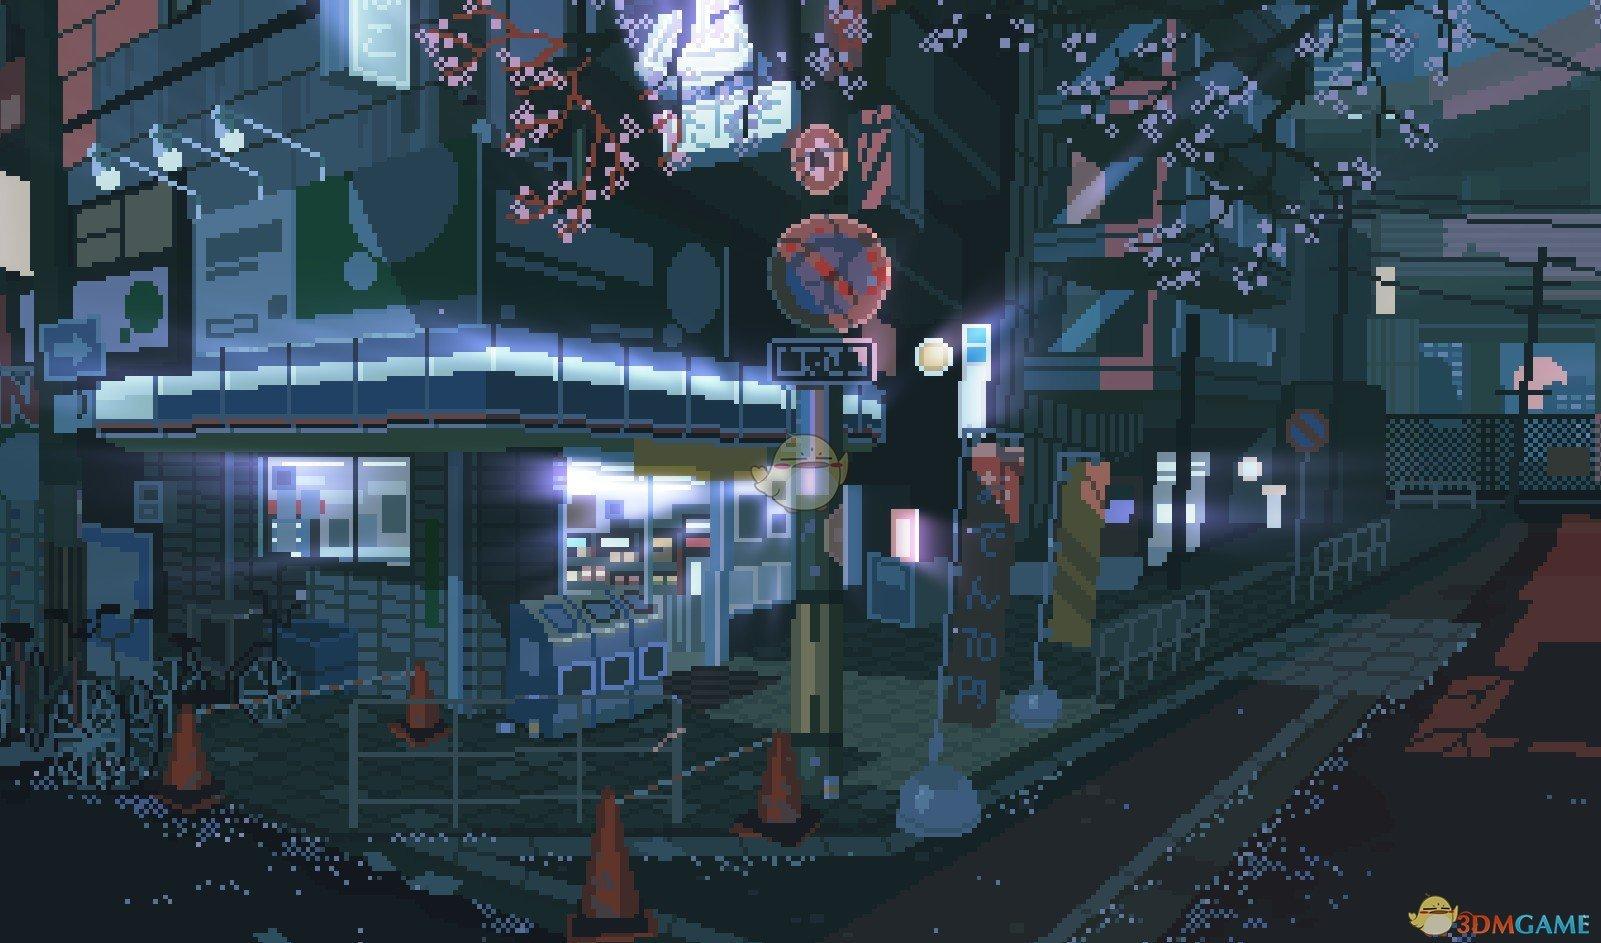 《Wallpaper Engine》像素风 - 日本街道的一角动态壁纸